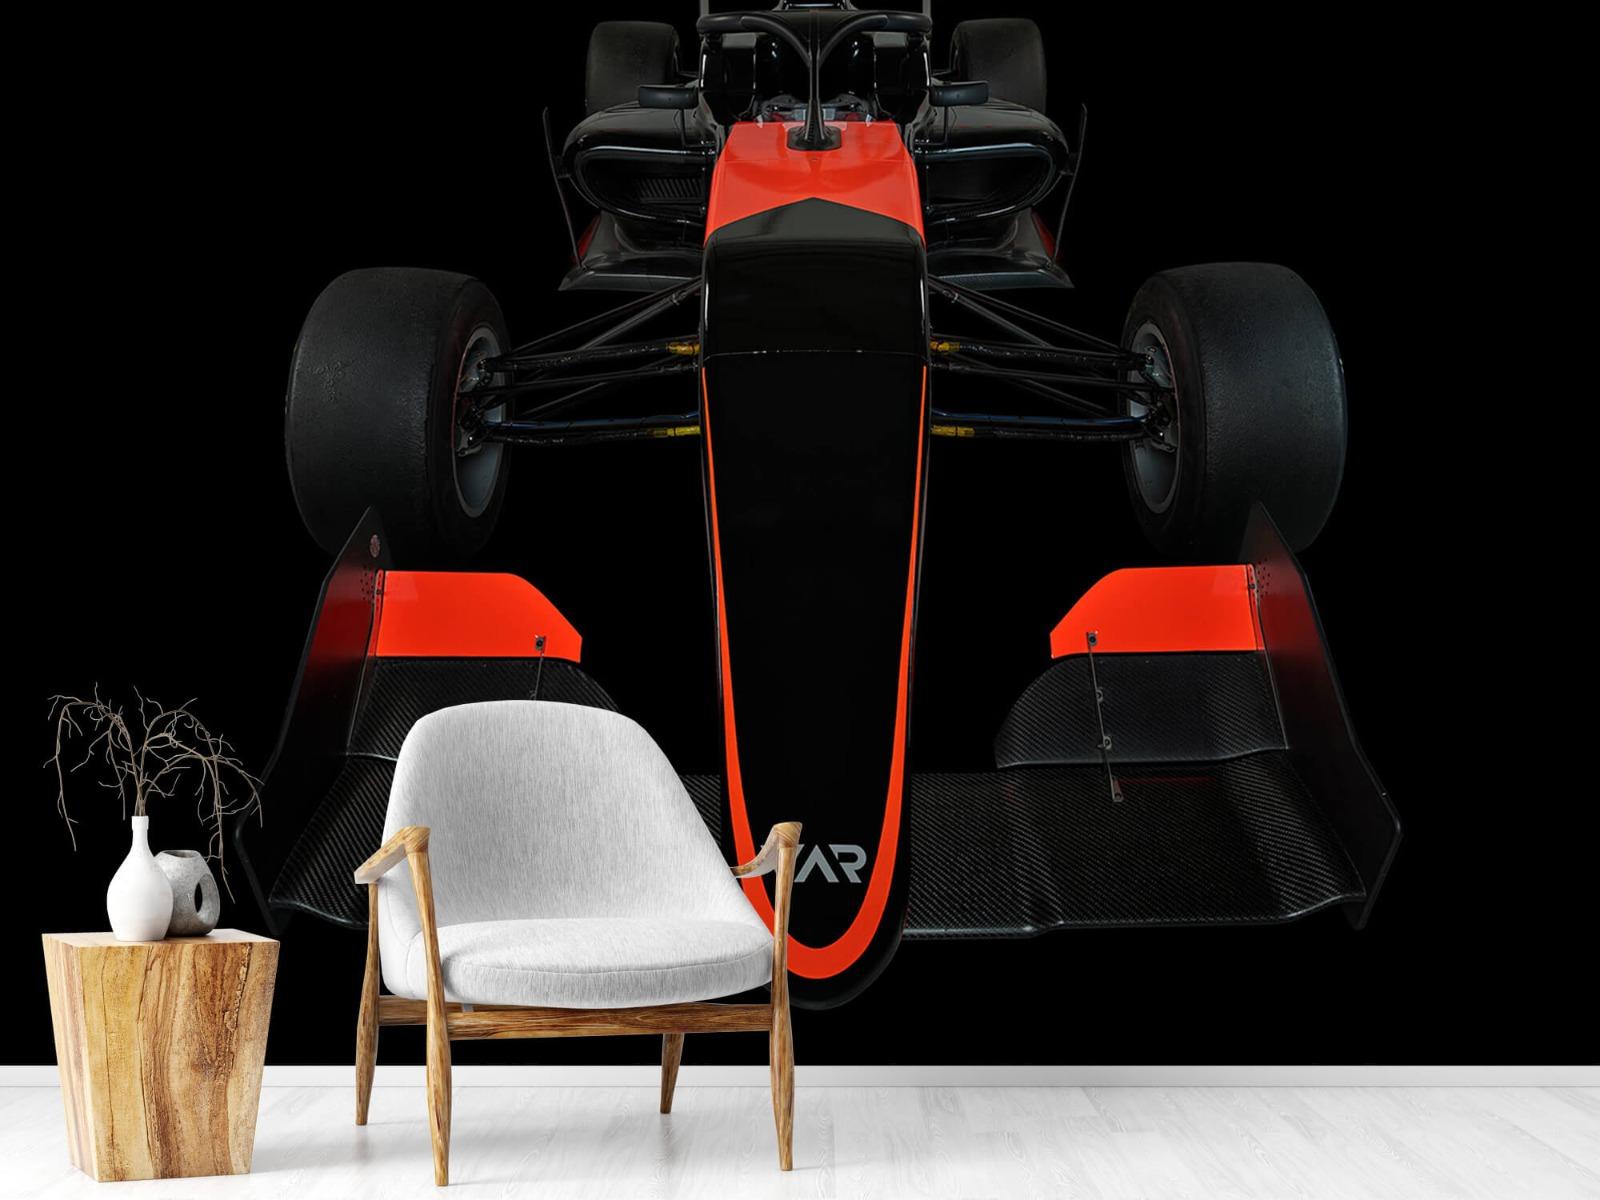 Sportauto's - Formule 3 - Front view - dark - Tienerkamer 19